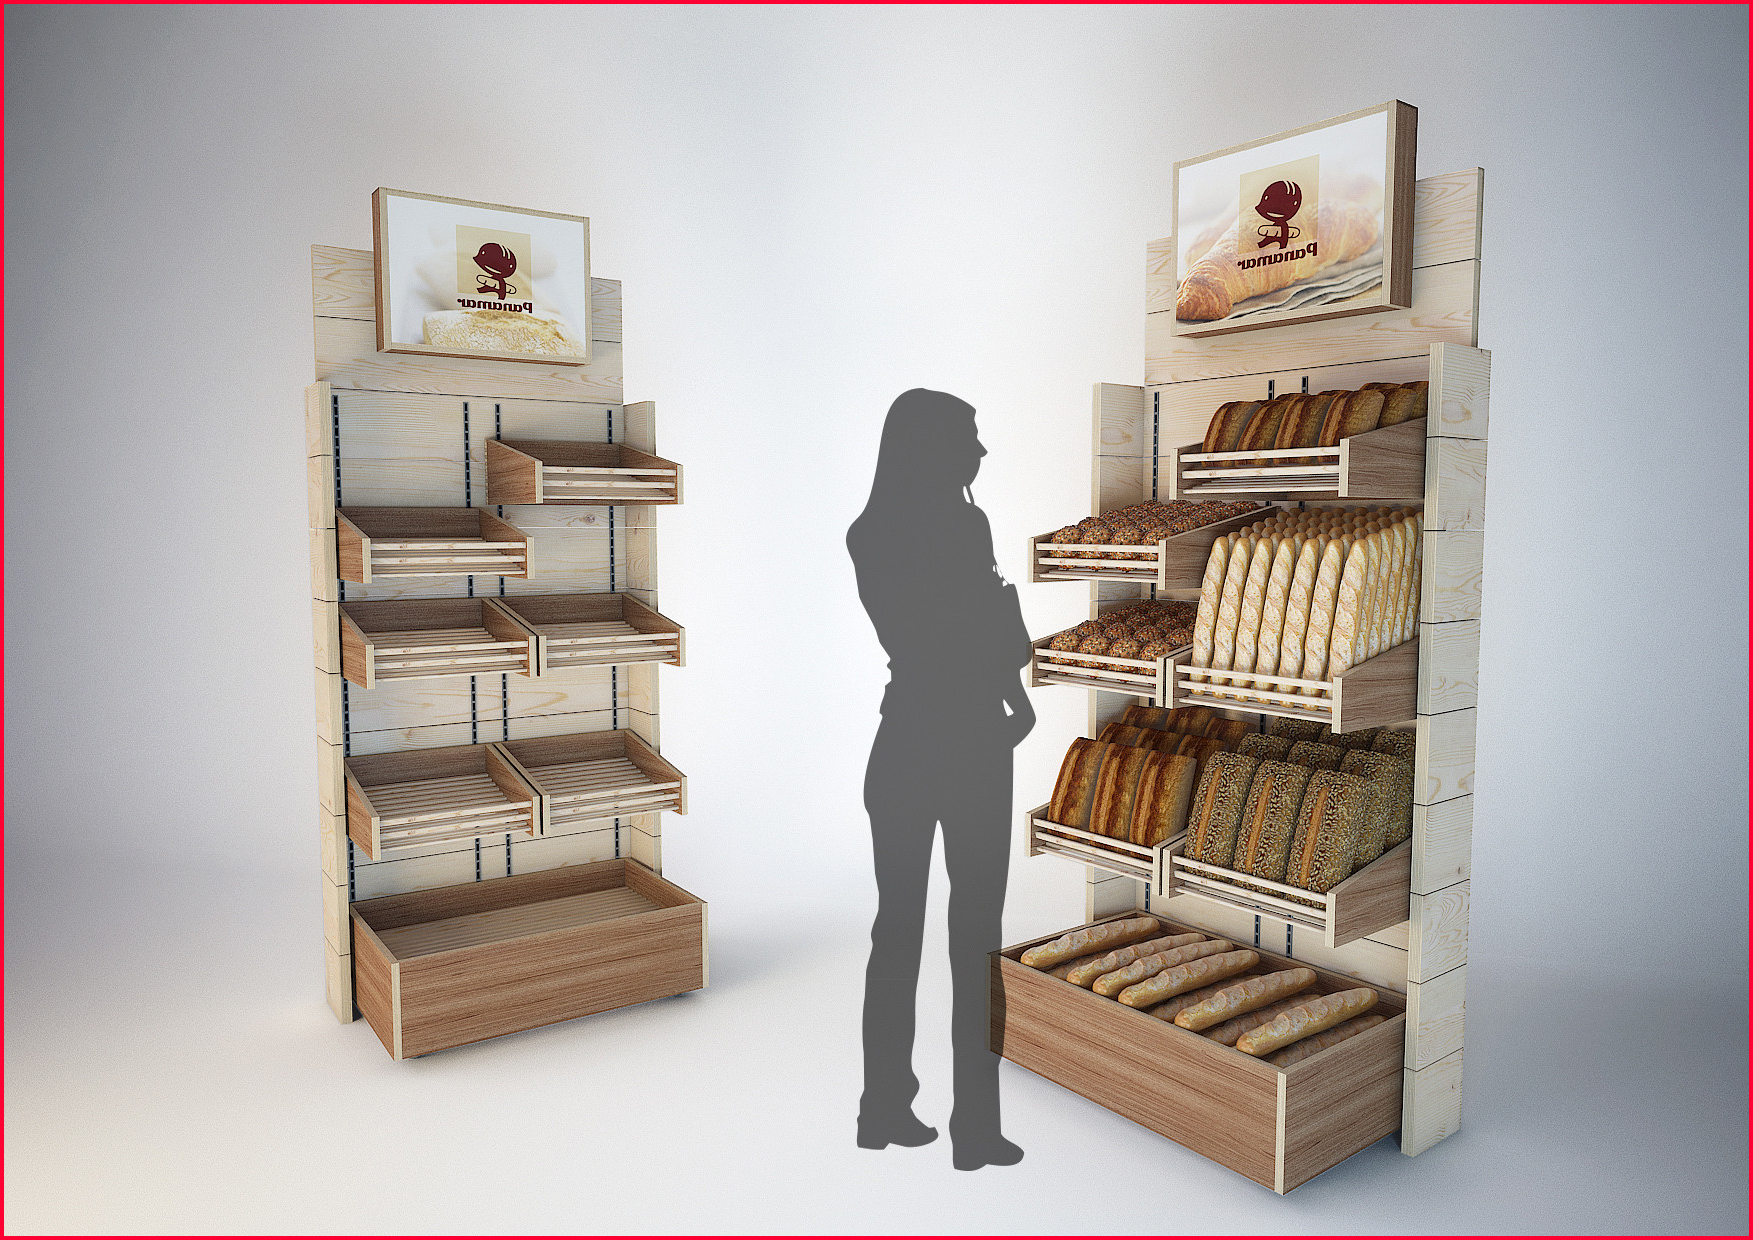 Mueble Expositor Nkde Lo Mejor De Mueble Expositor Coleccià N De Muebles Idea